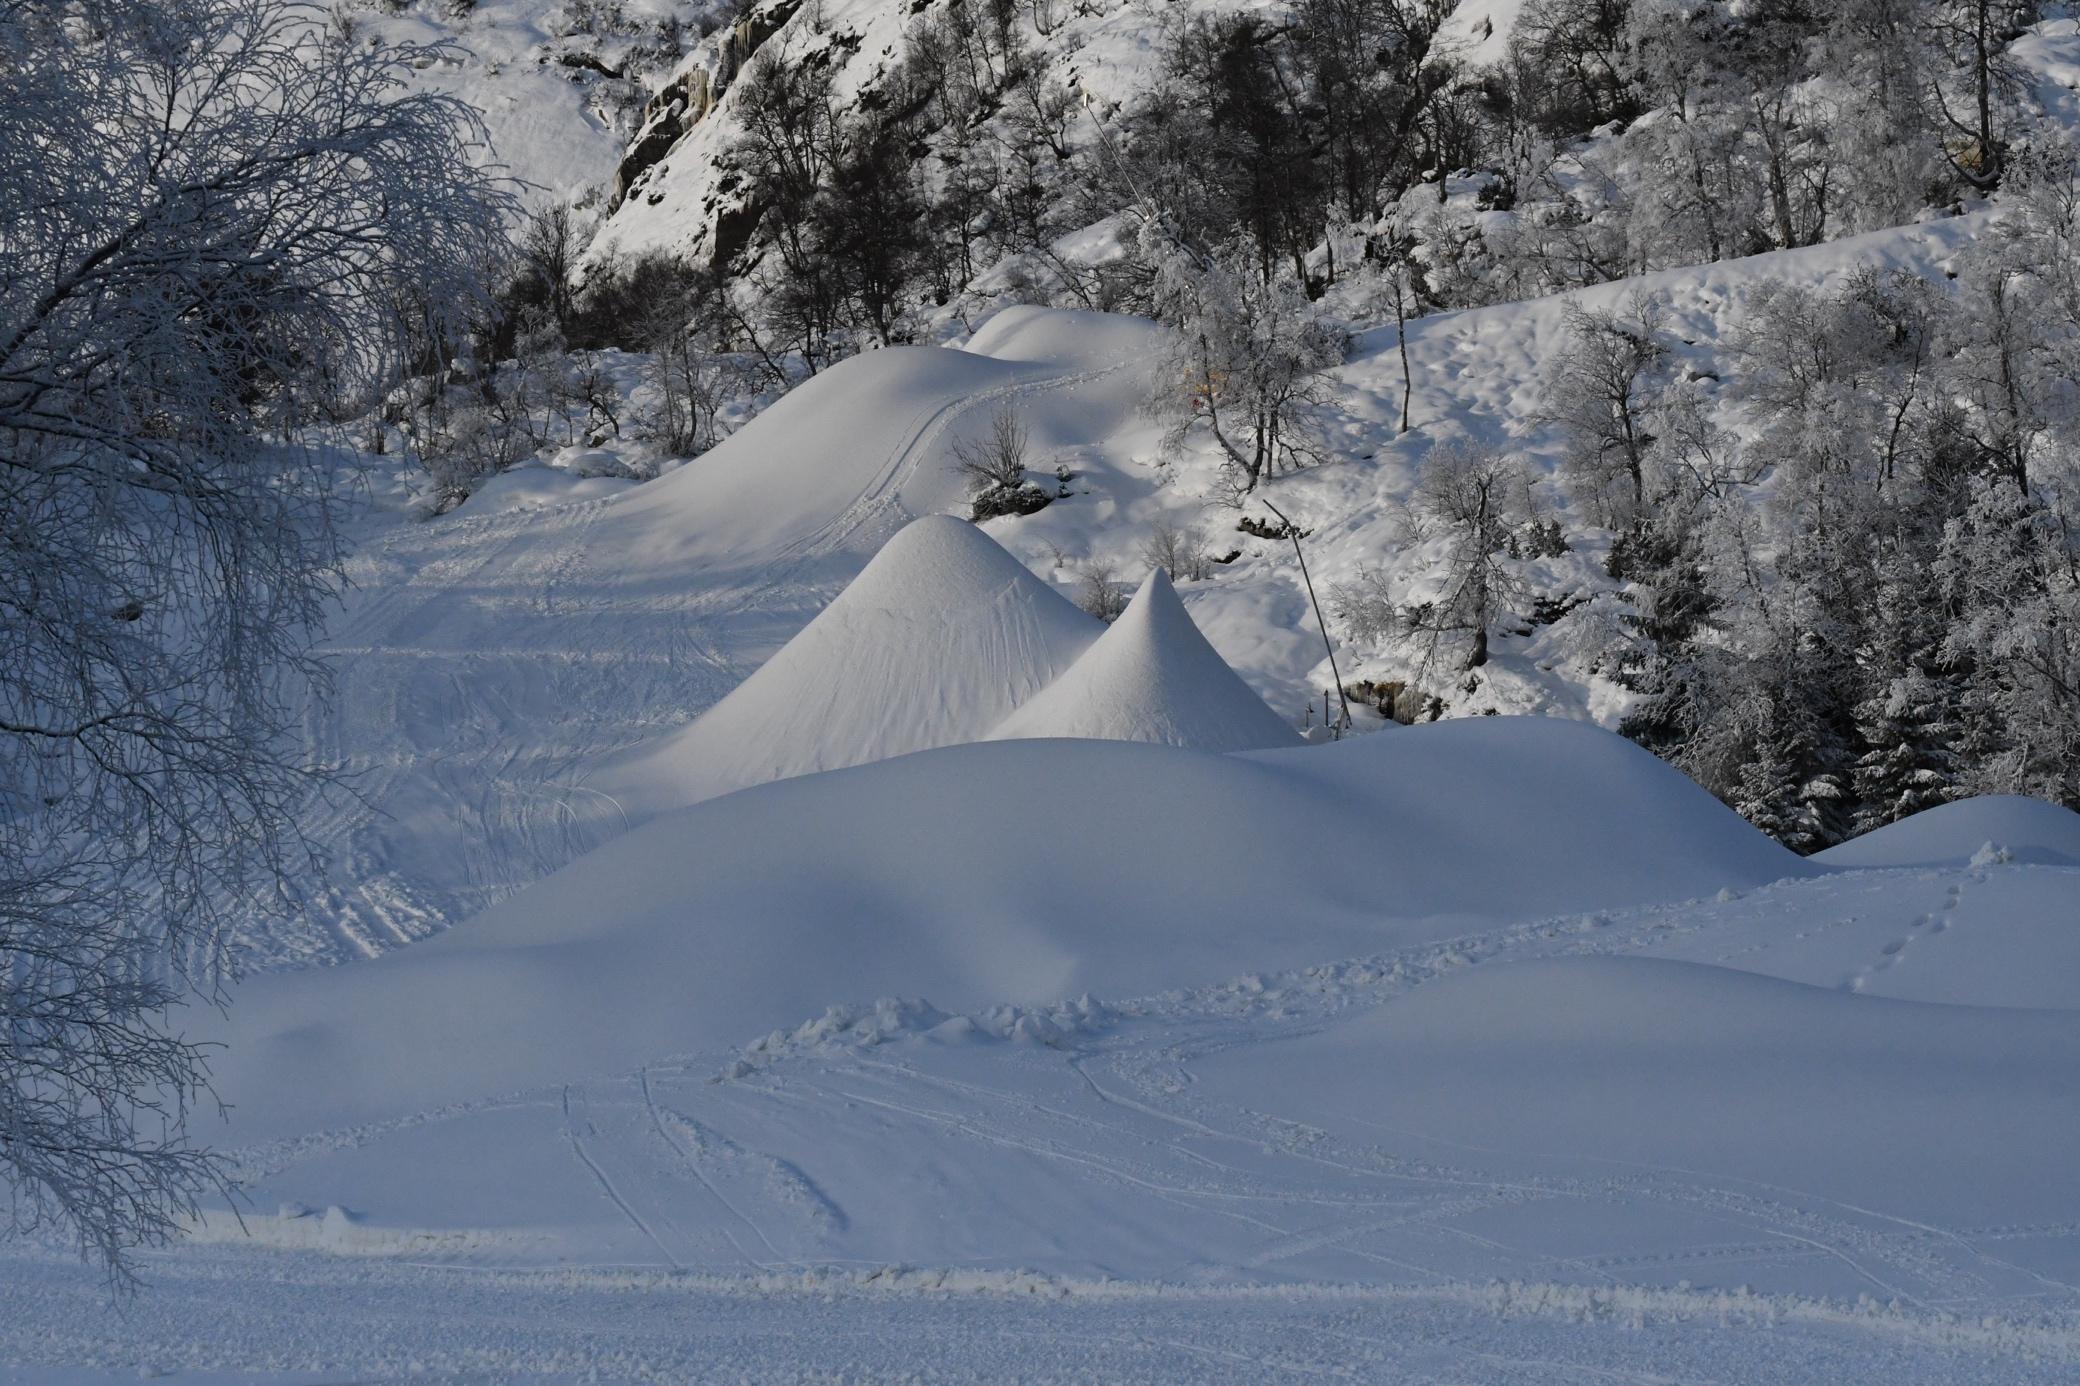 Et bilde som inneholder snø, utendørs, natur, dekket  Automatisk generert beskrivelse